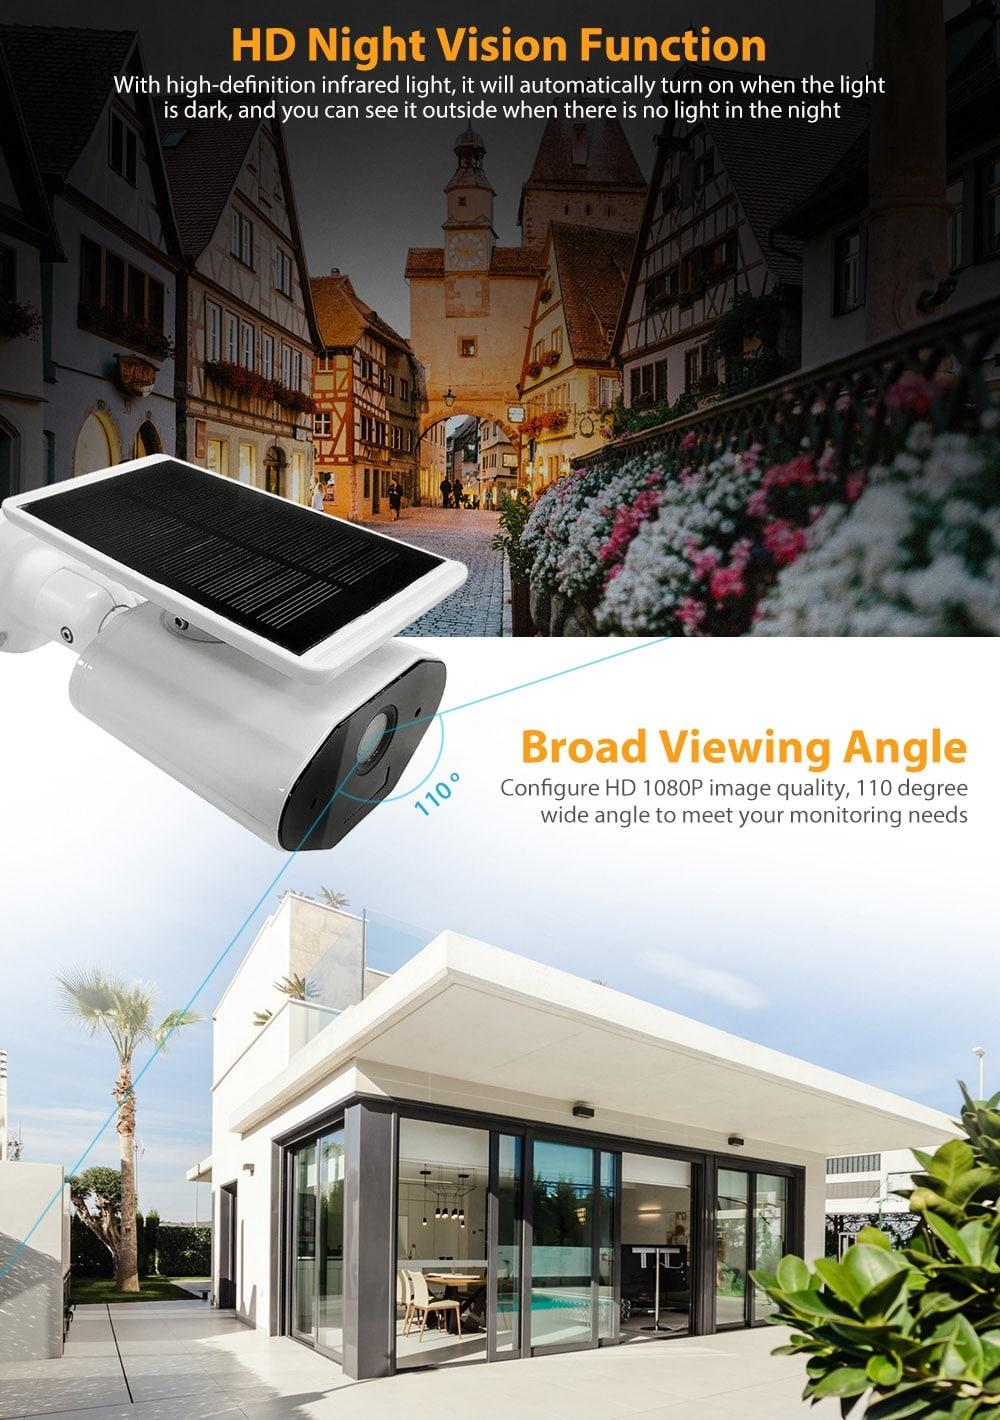 Bilikay L4 Plus Solar 1080P kültéri vízálló fényképezőgép - tejfehér